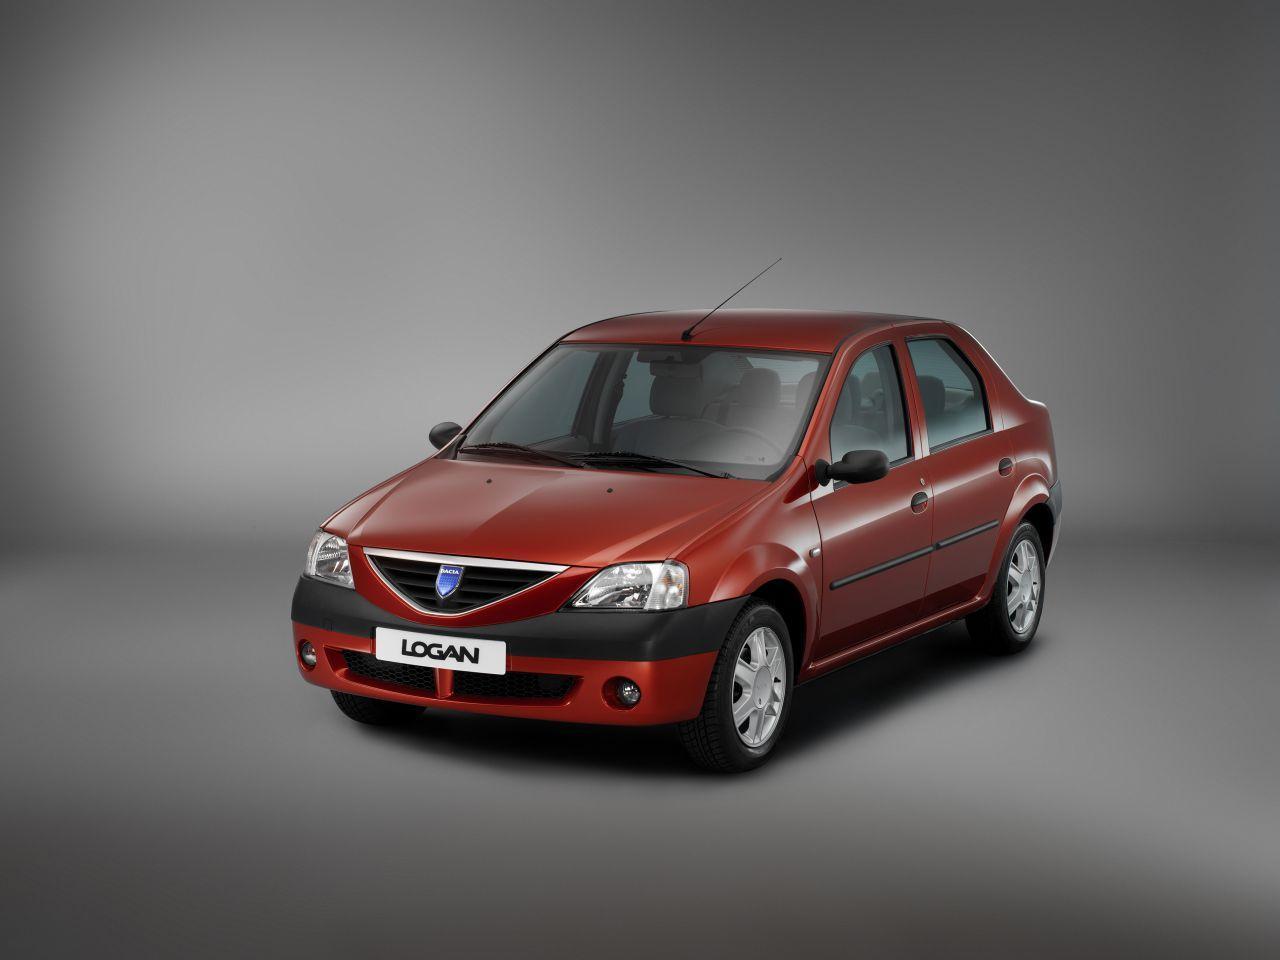 Dacia_Logan_1.jpg